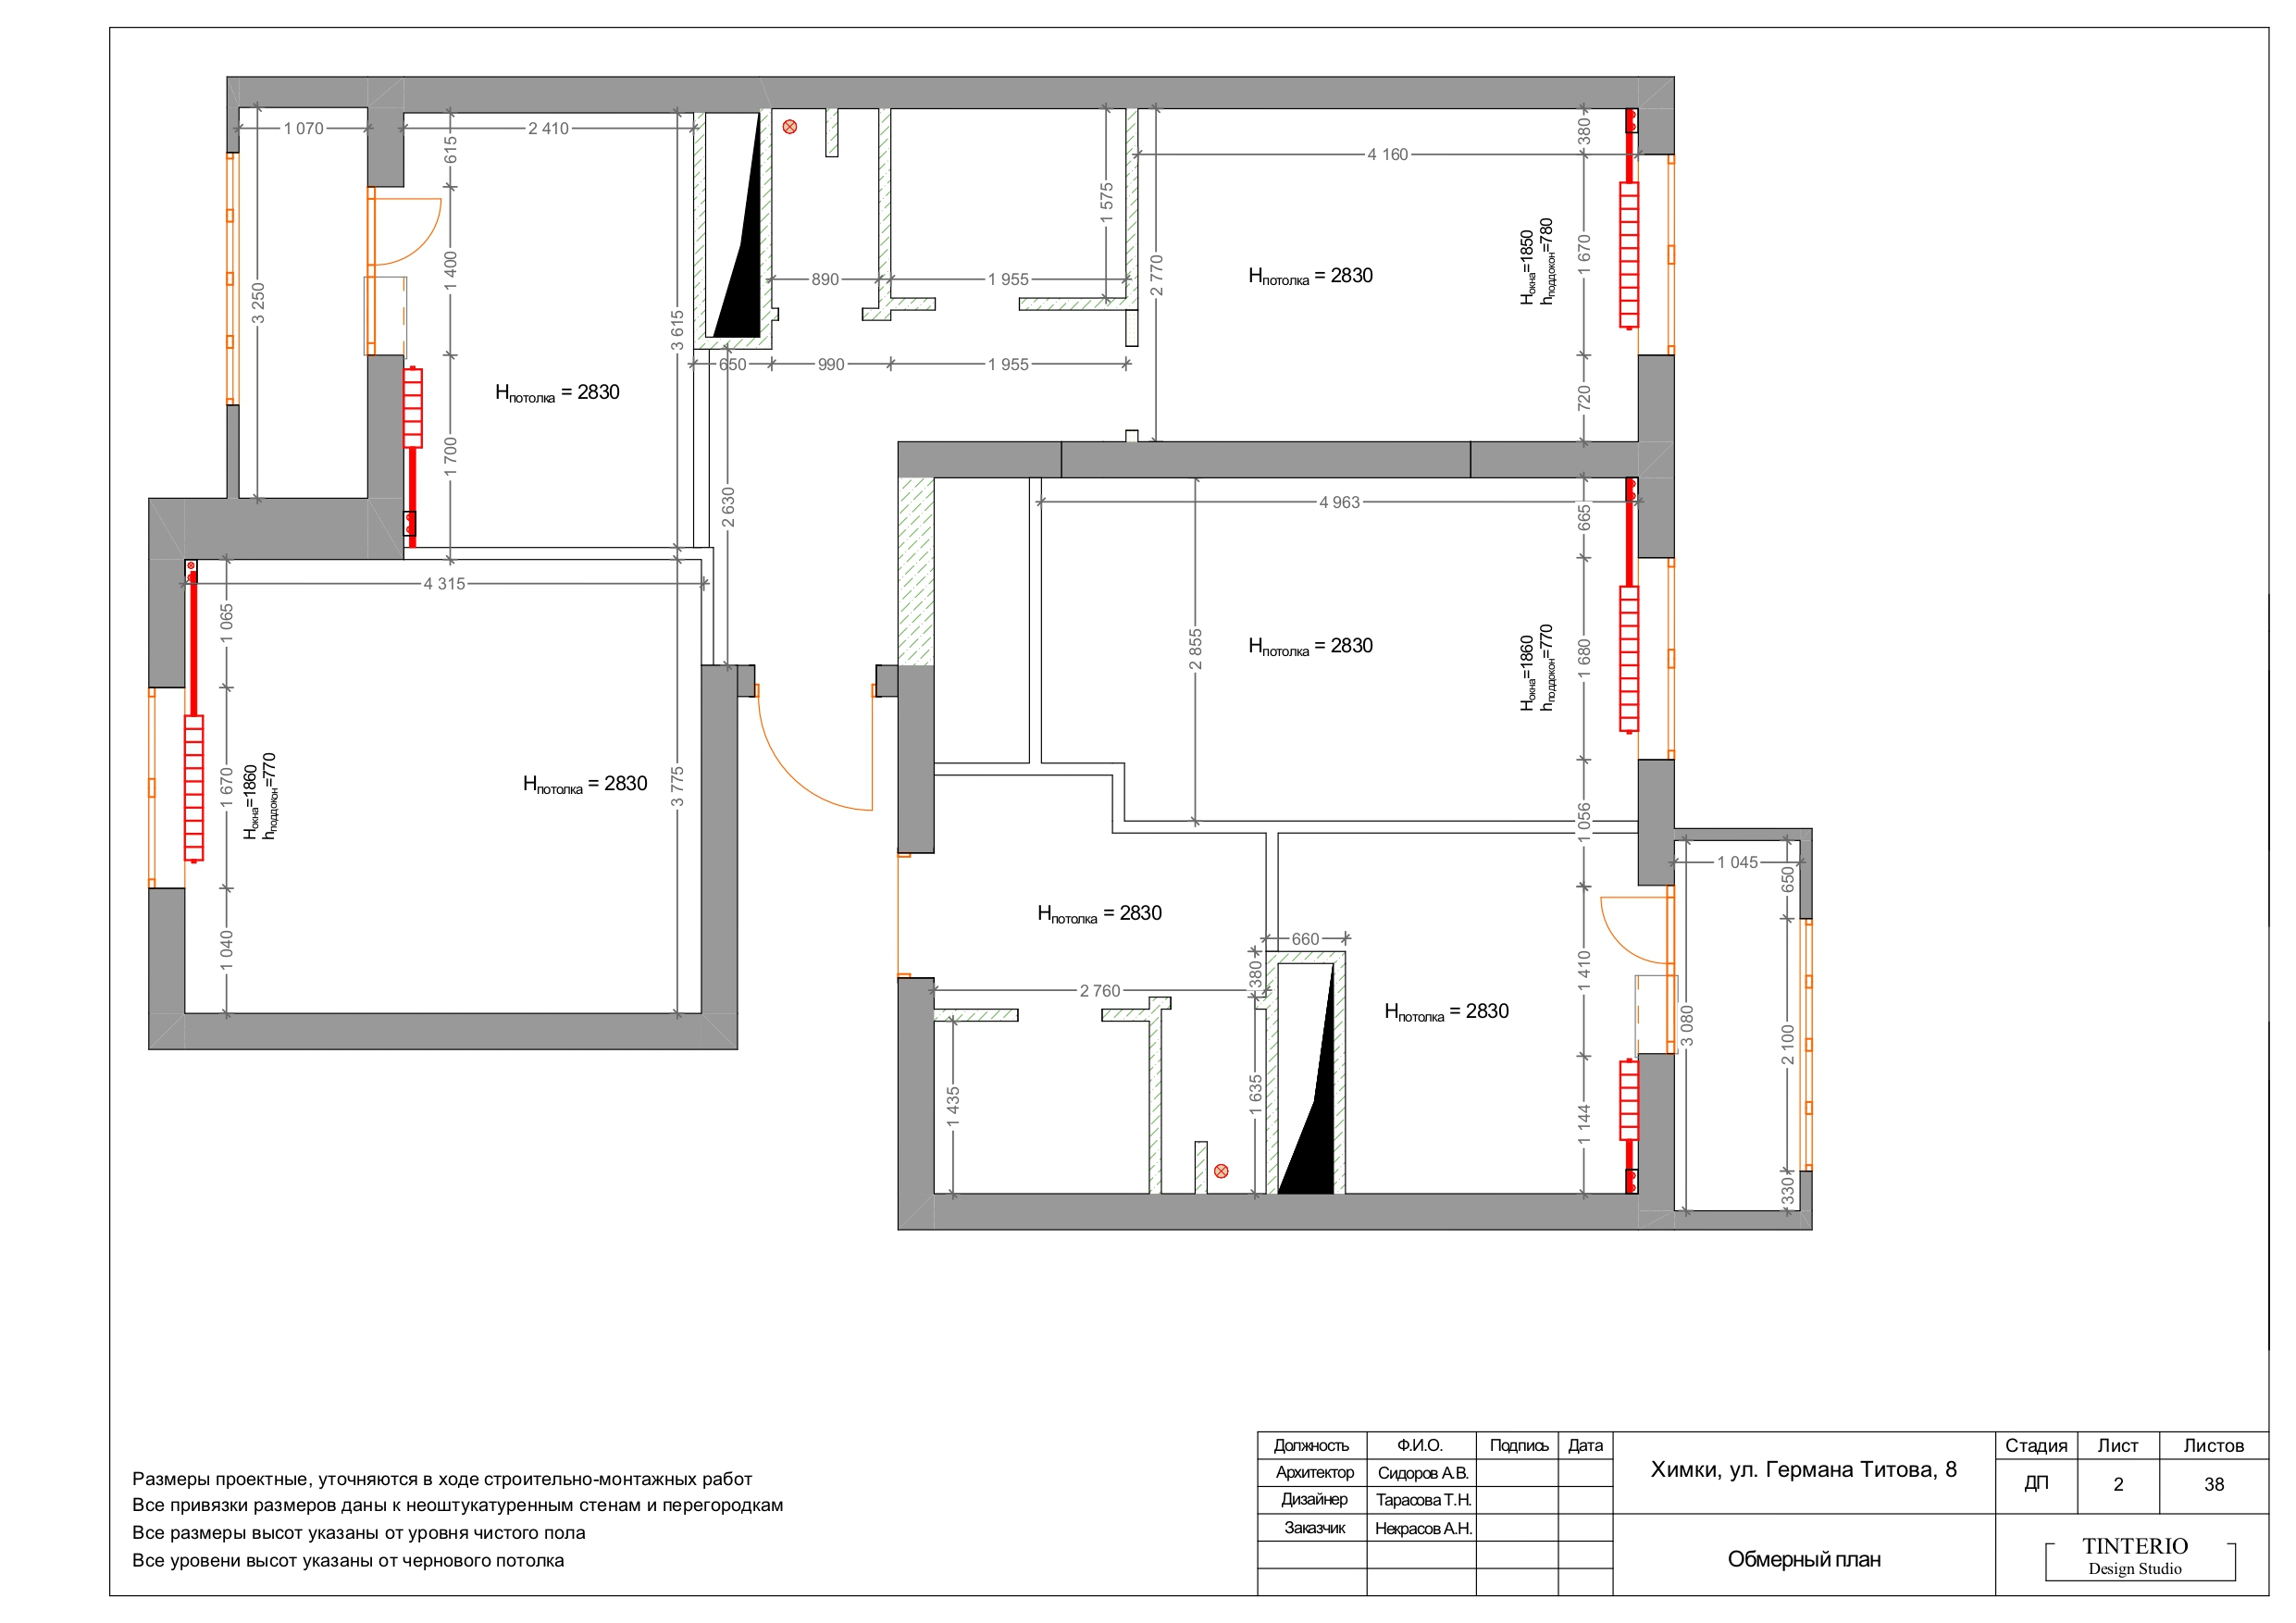 Пример проекта_page-0003